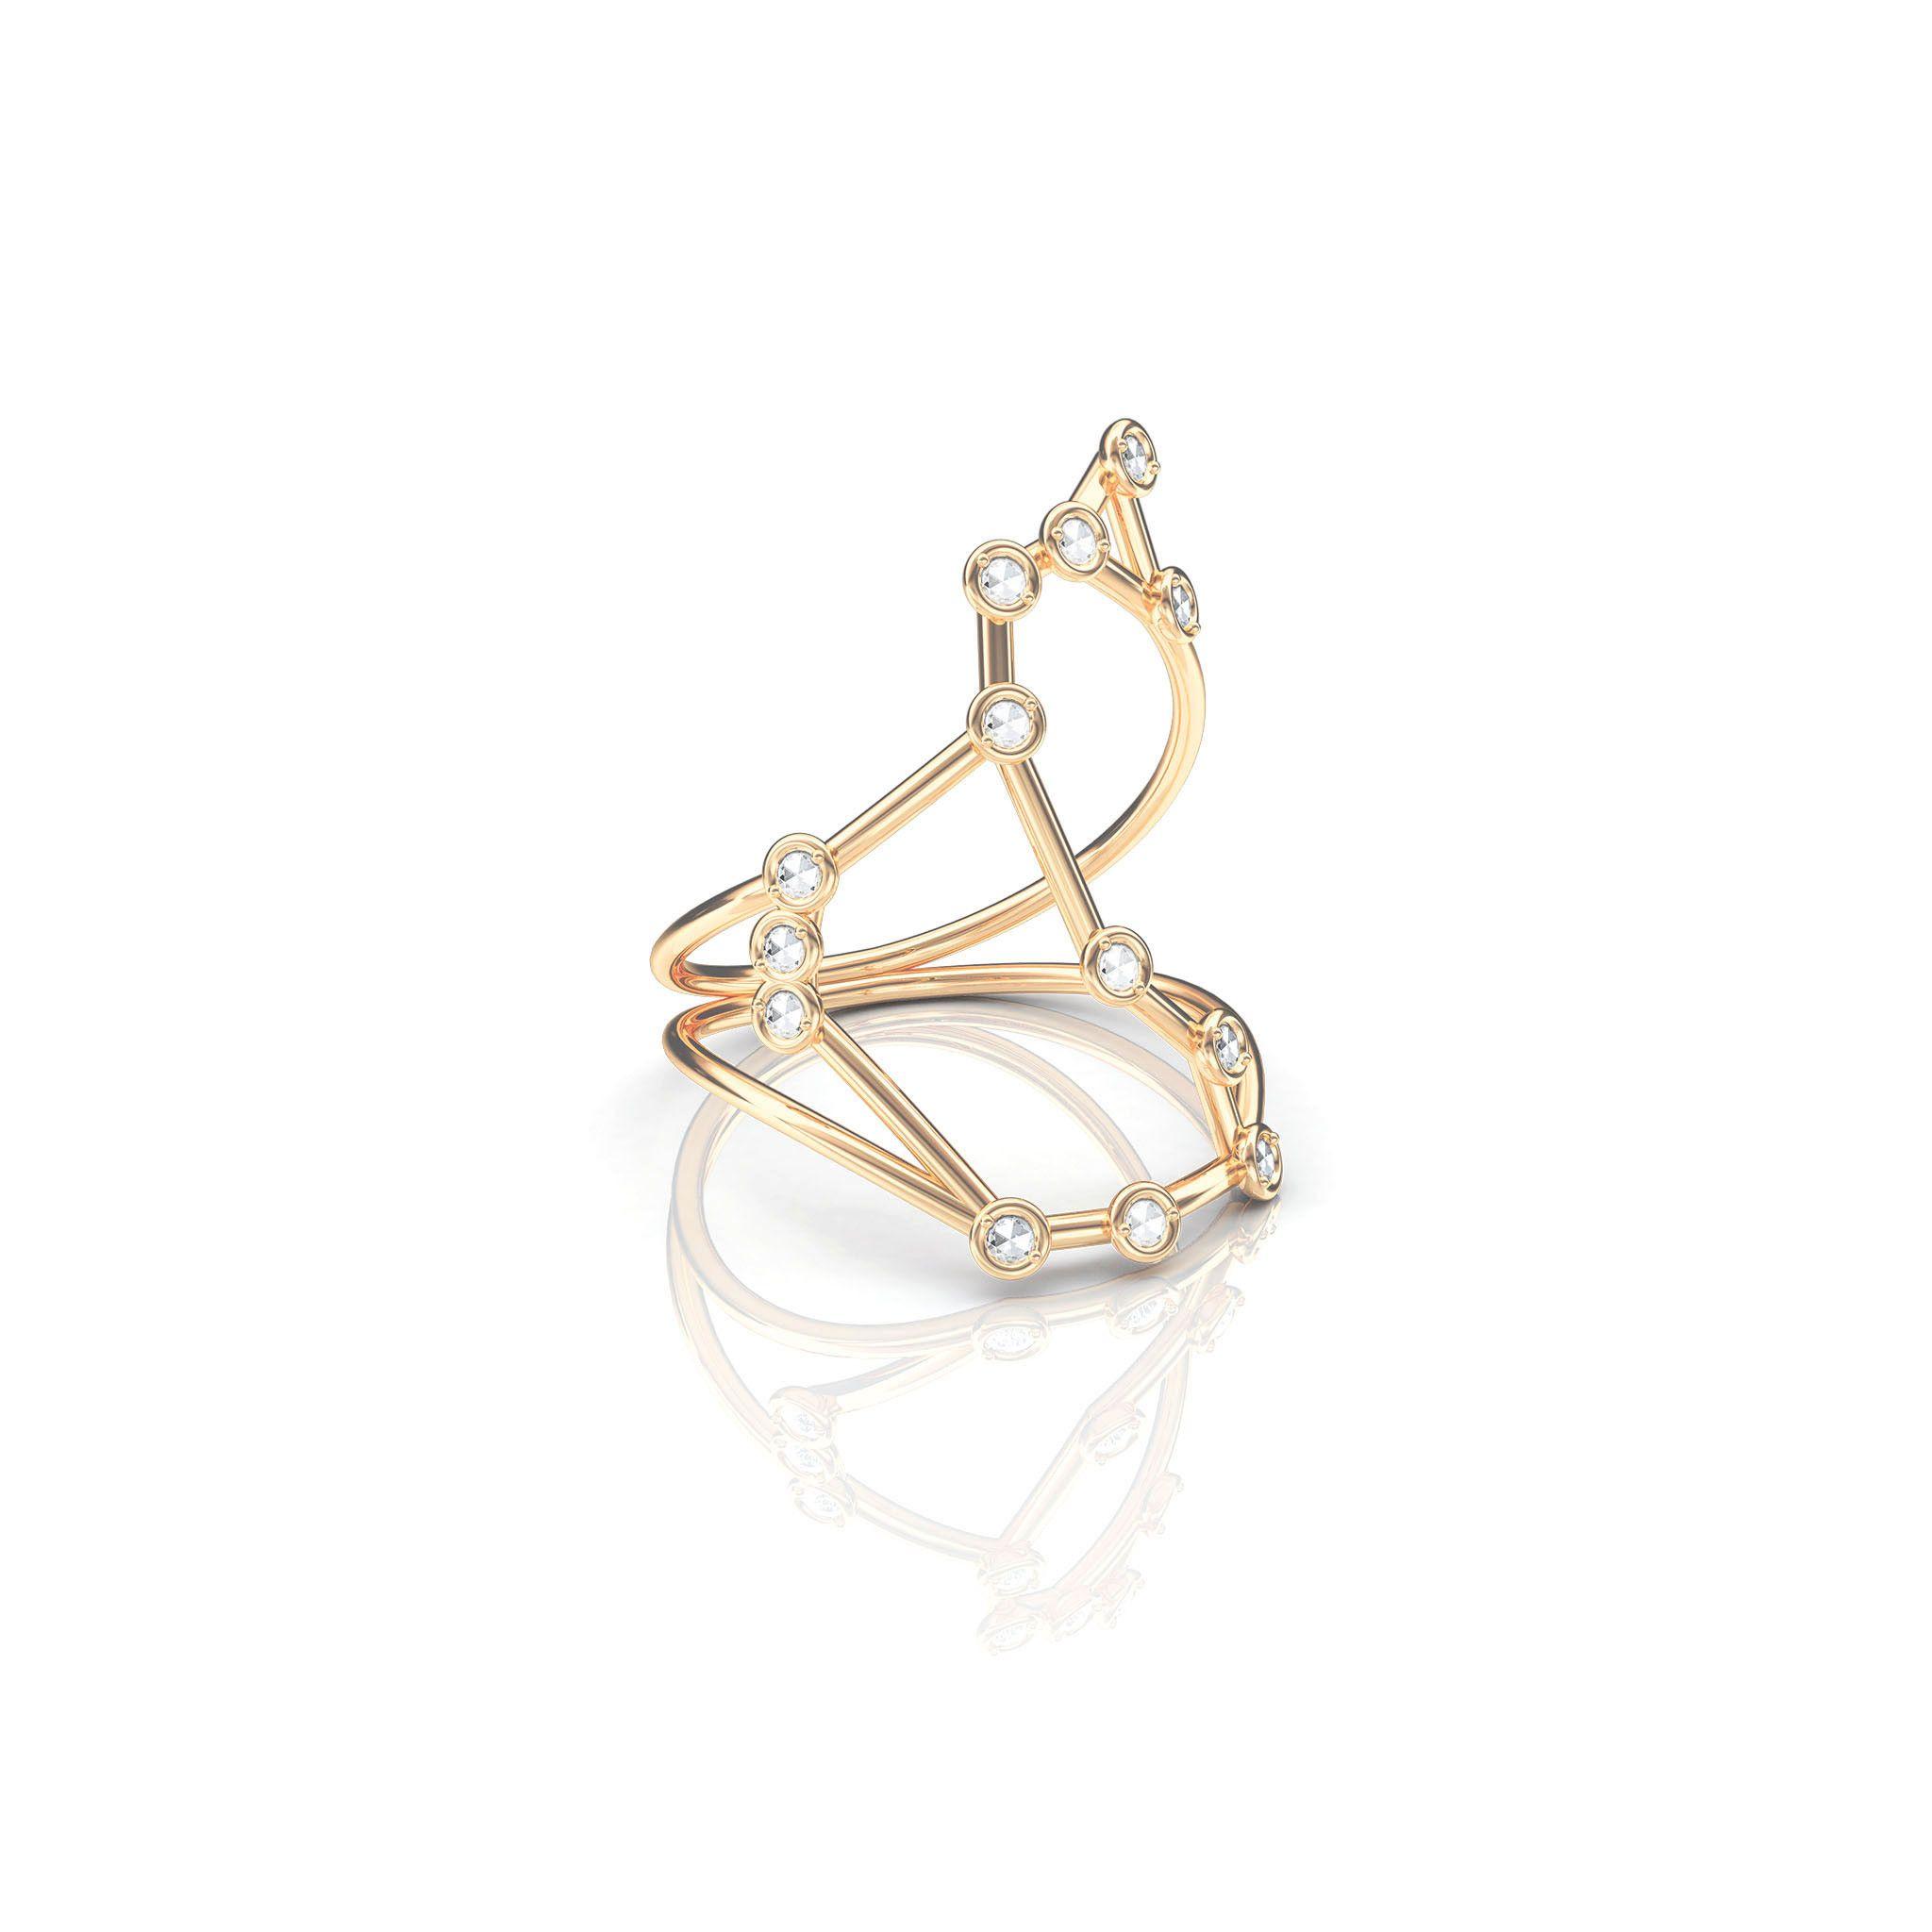 Jessie V E White Gold Libra Ring cug3IiZ6EM